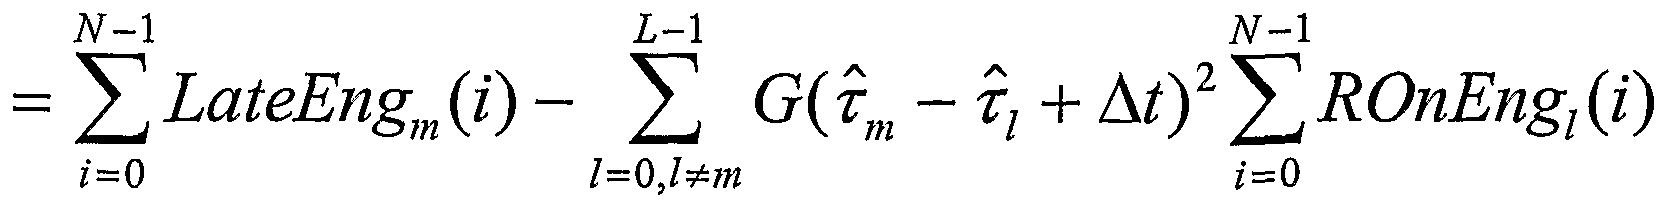 Figure imgf000025_0007